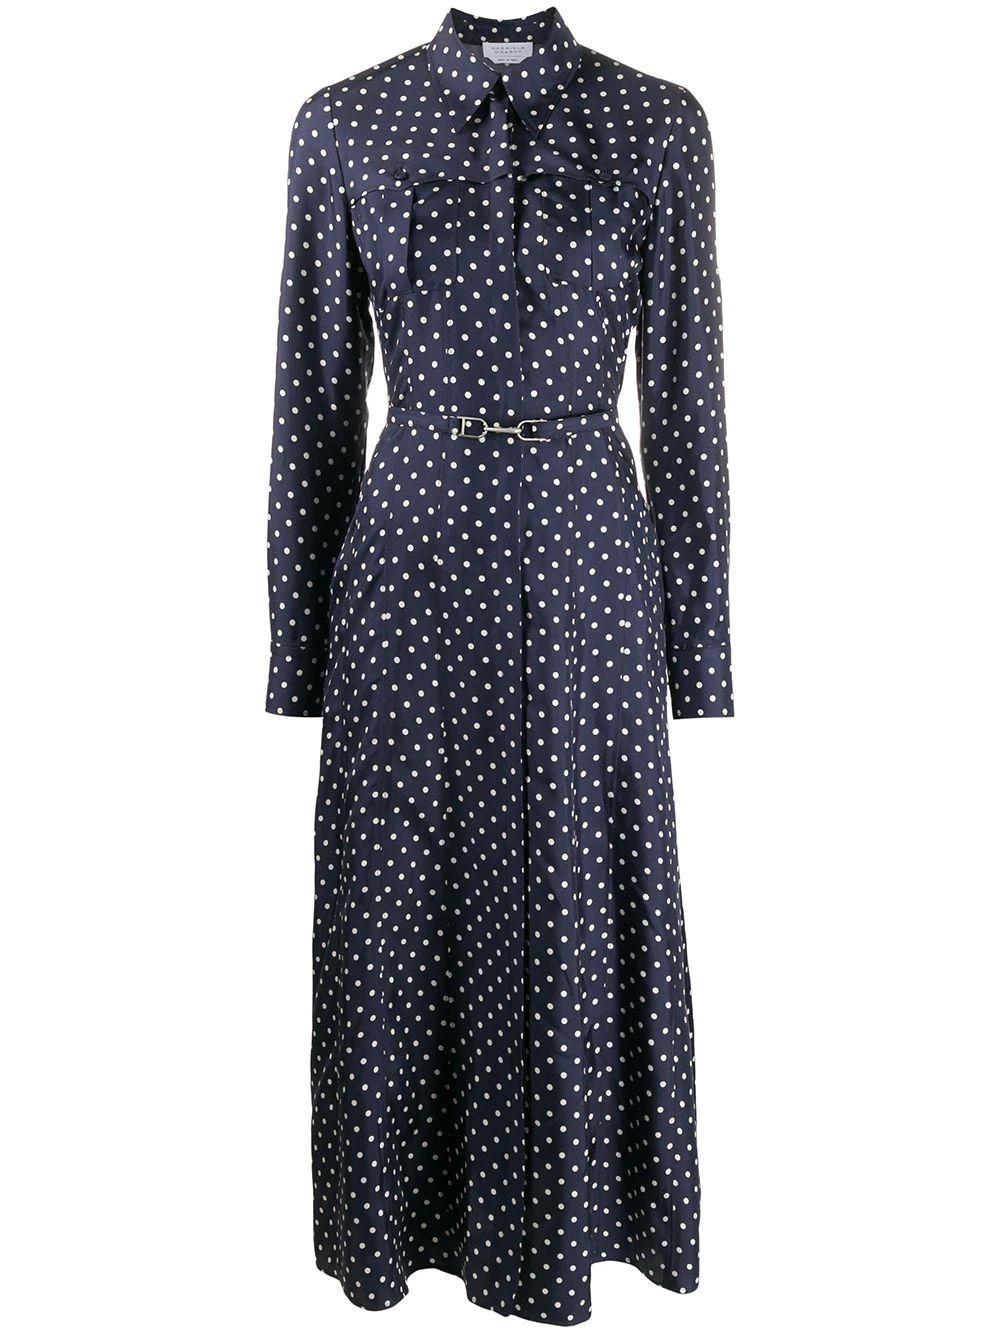 Descartes Patchpocket Polka Dot Dress Item # 320409-P009